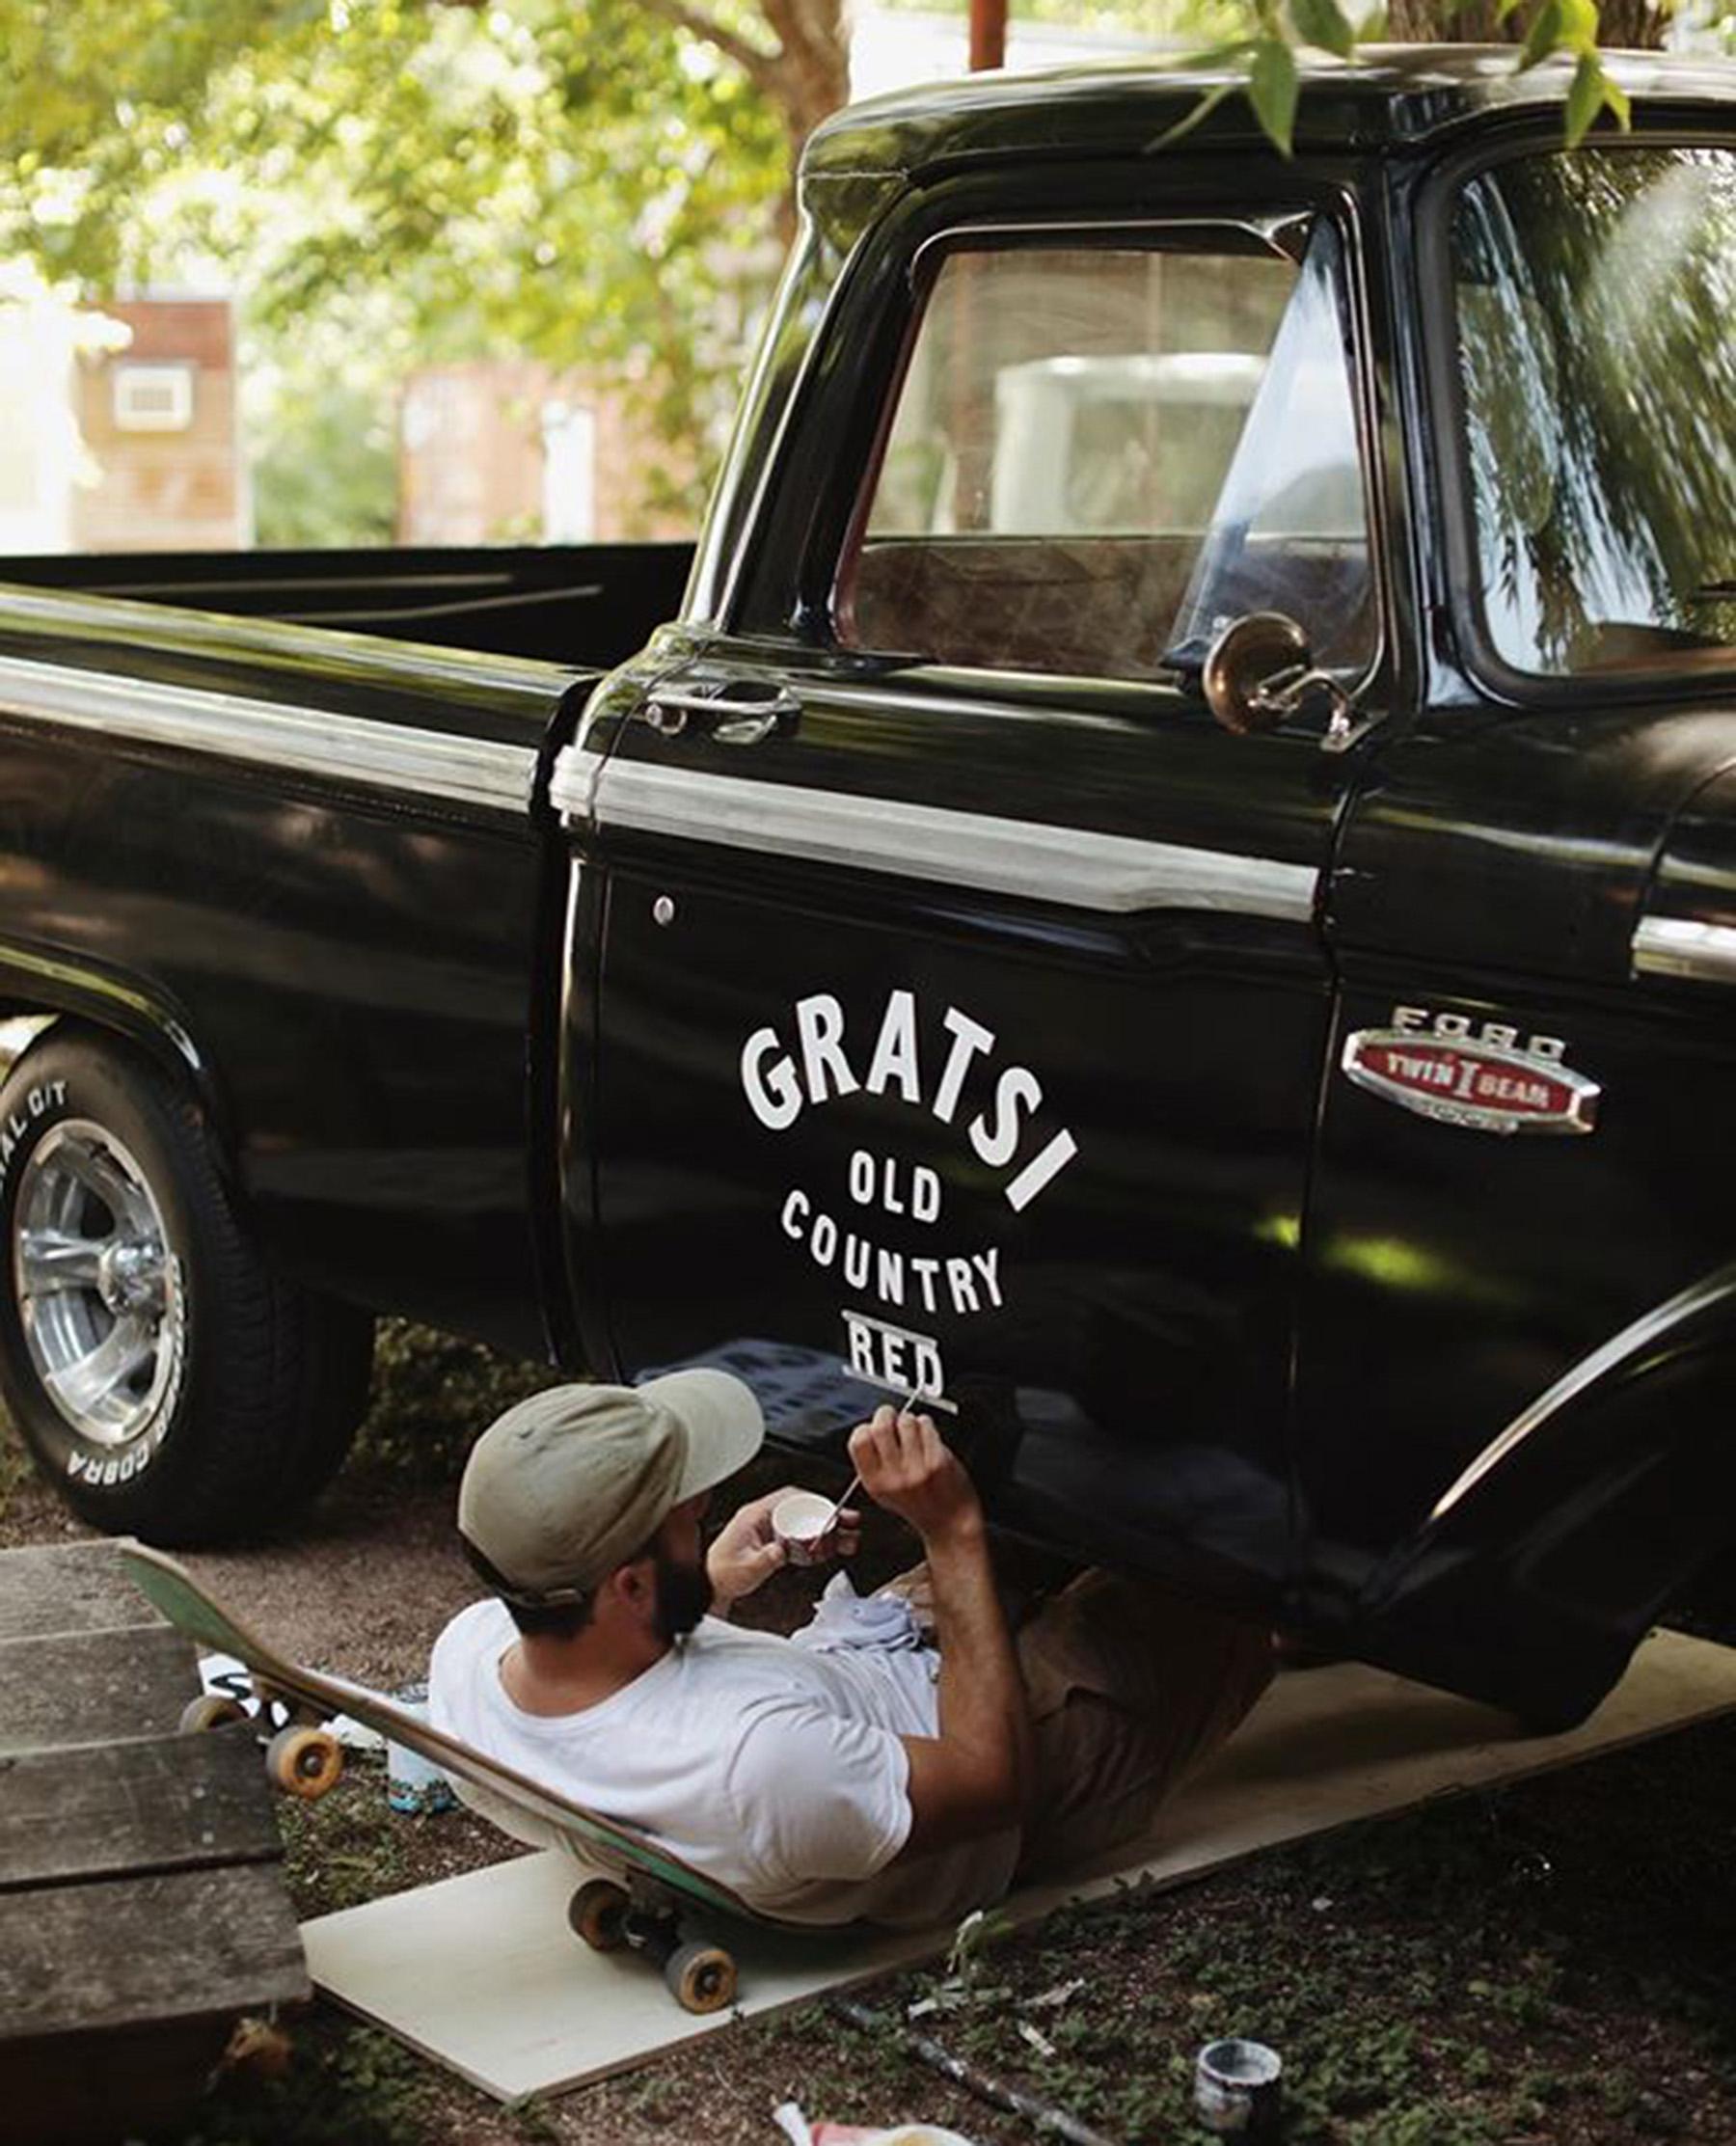 Gratsi Wine Truck